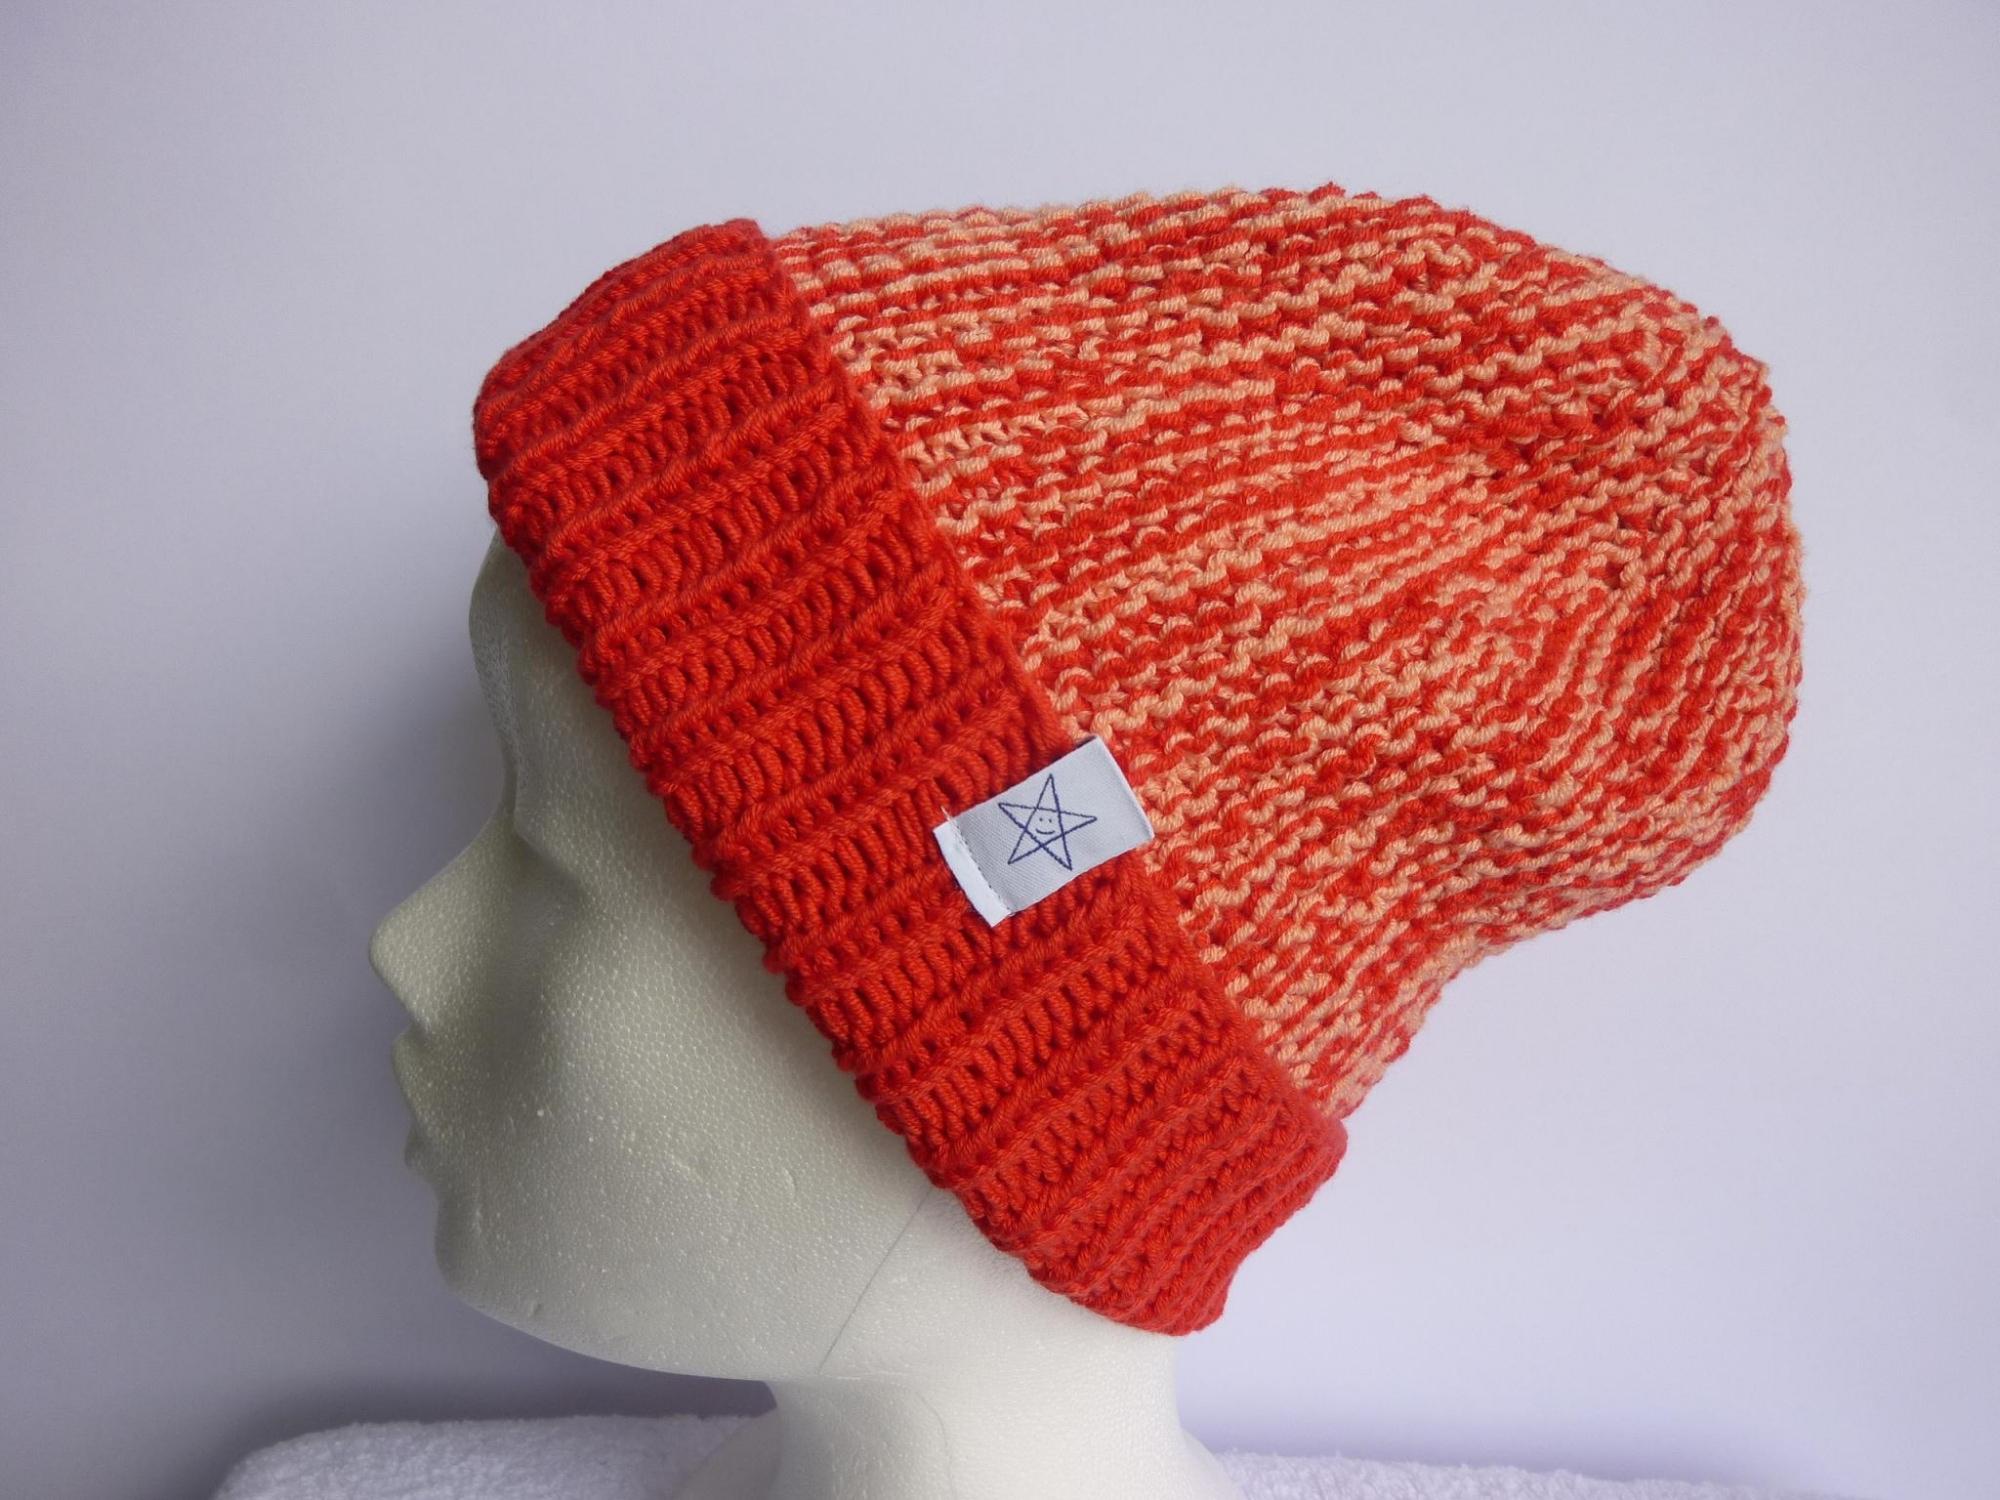 - Strickmütze Rot Lachs mit Umschlag aus Baumwolle handgestrickt - Strickmütze Rot Lachs mit Umschlag aus Baumwolle handgestrickt